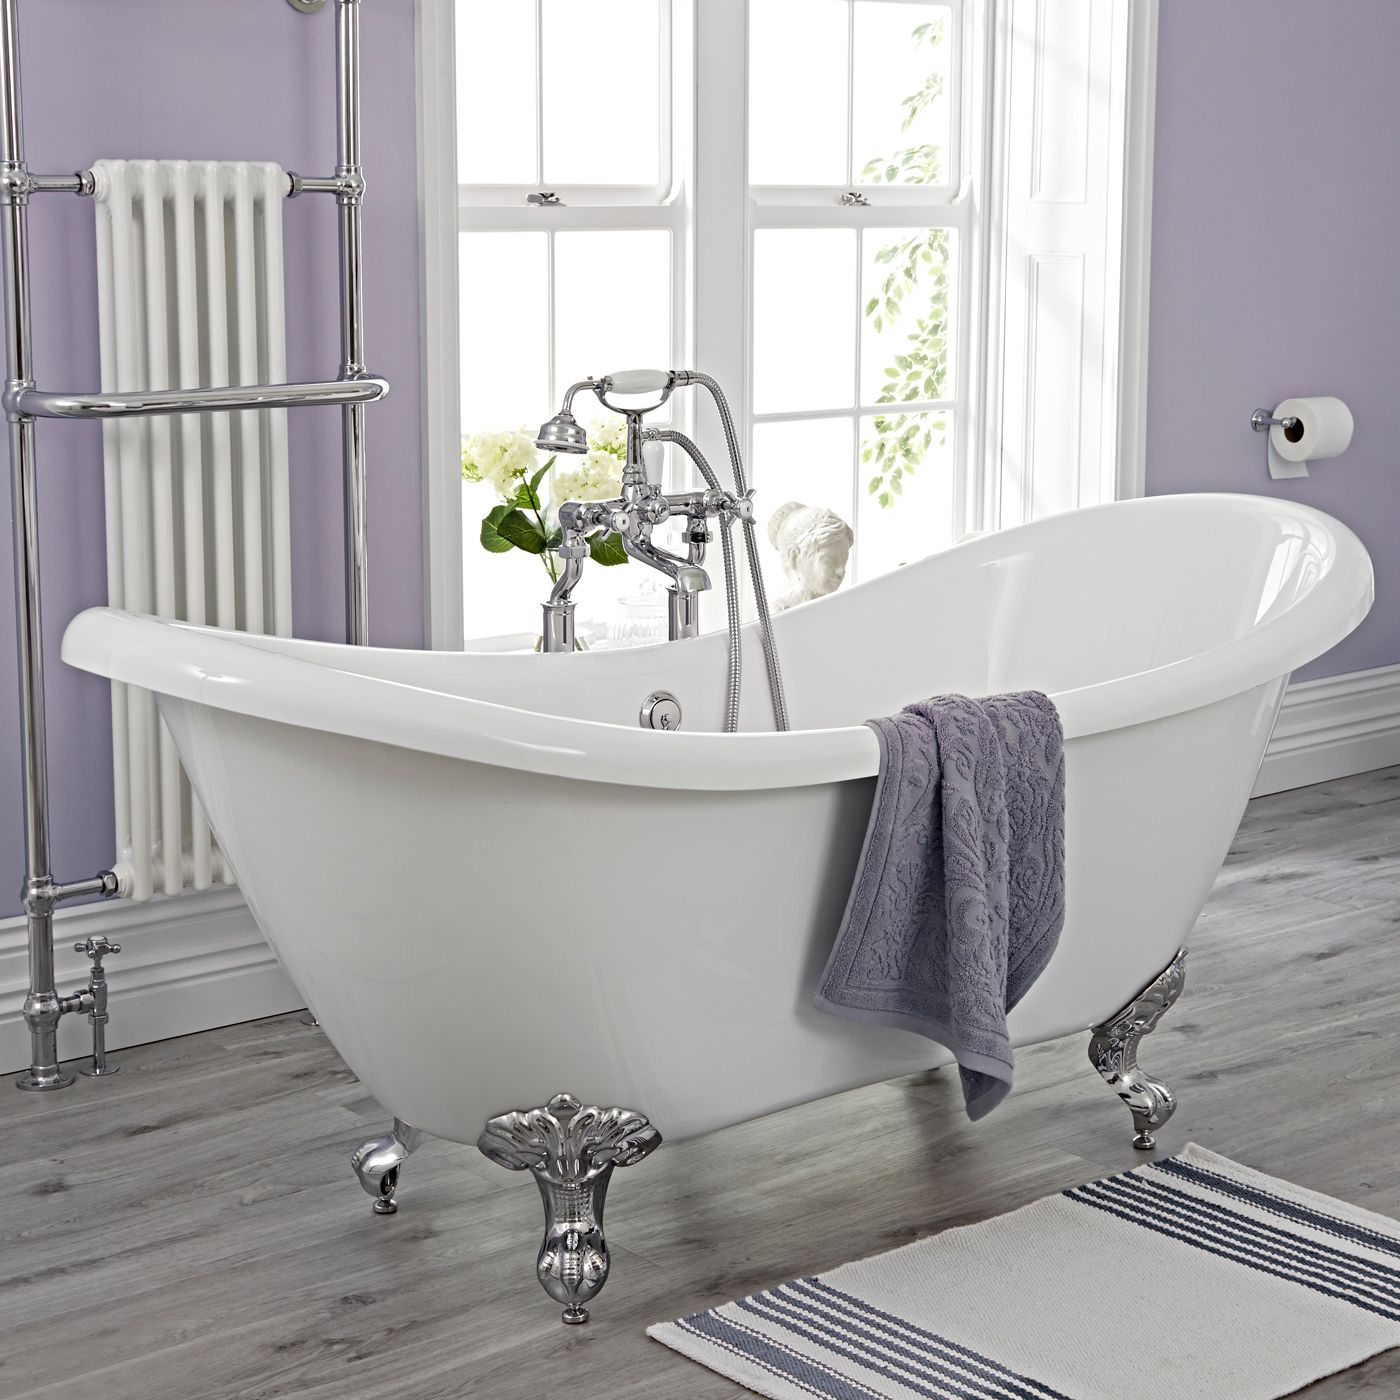 individuelle zusammenstellung mit freistehende badewanne mit füßen, Hause ideen